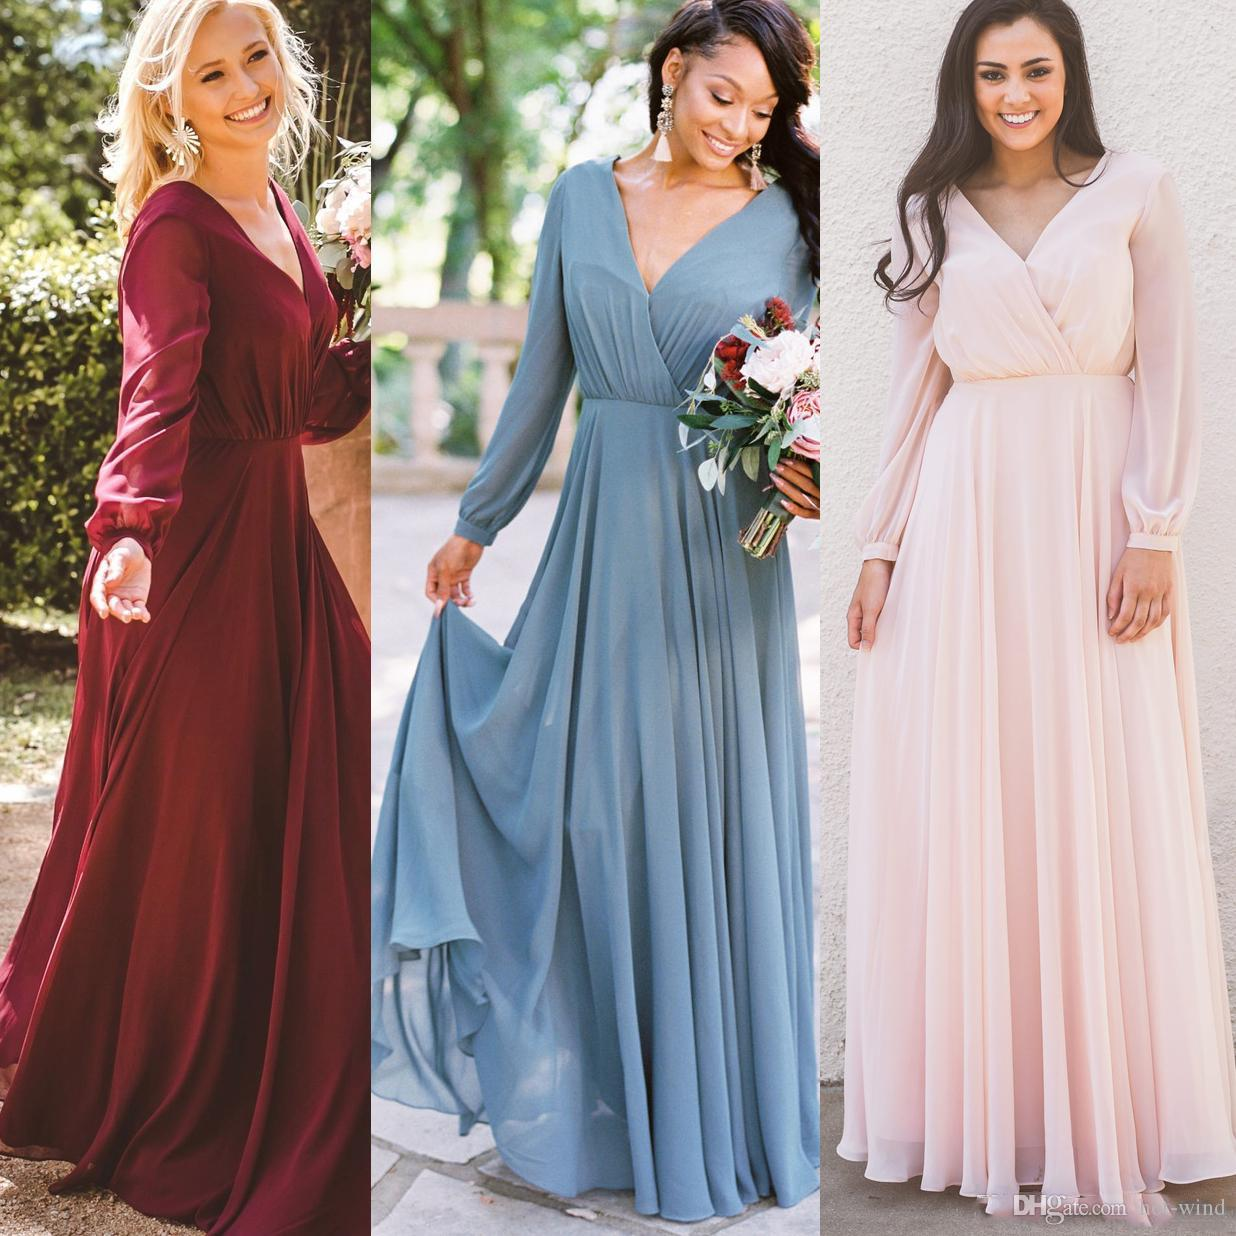 Borgonha-de-rosa da dama de honra Vestidos Chiffon mangas compridas V Neck Country Beach Convidado de Casamento vestido Boho Plus Size dama de honra vestido BM0238